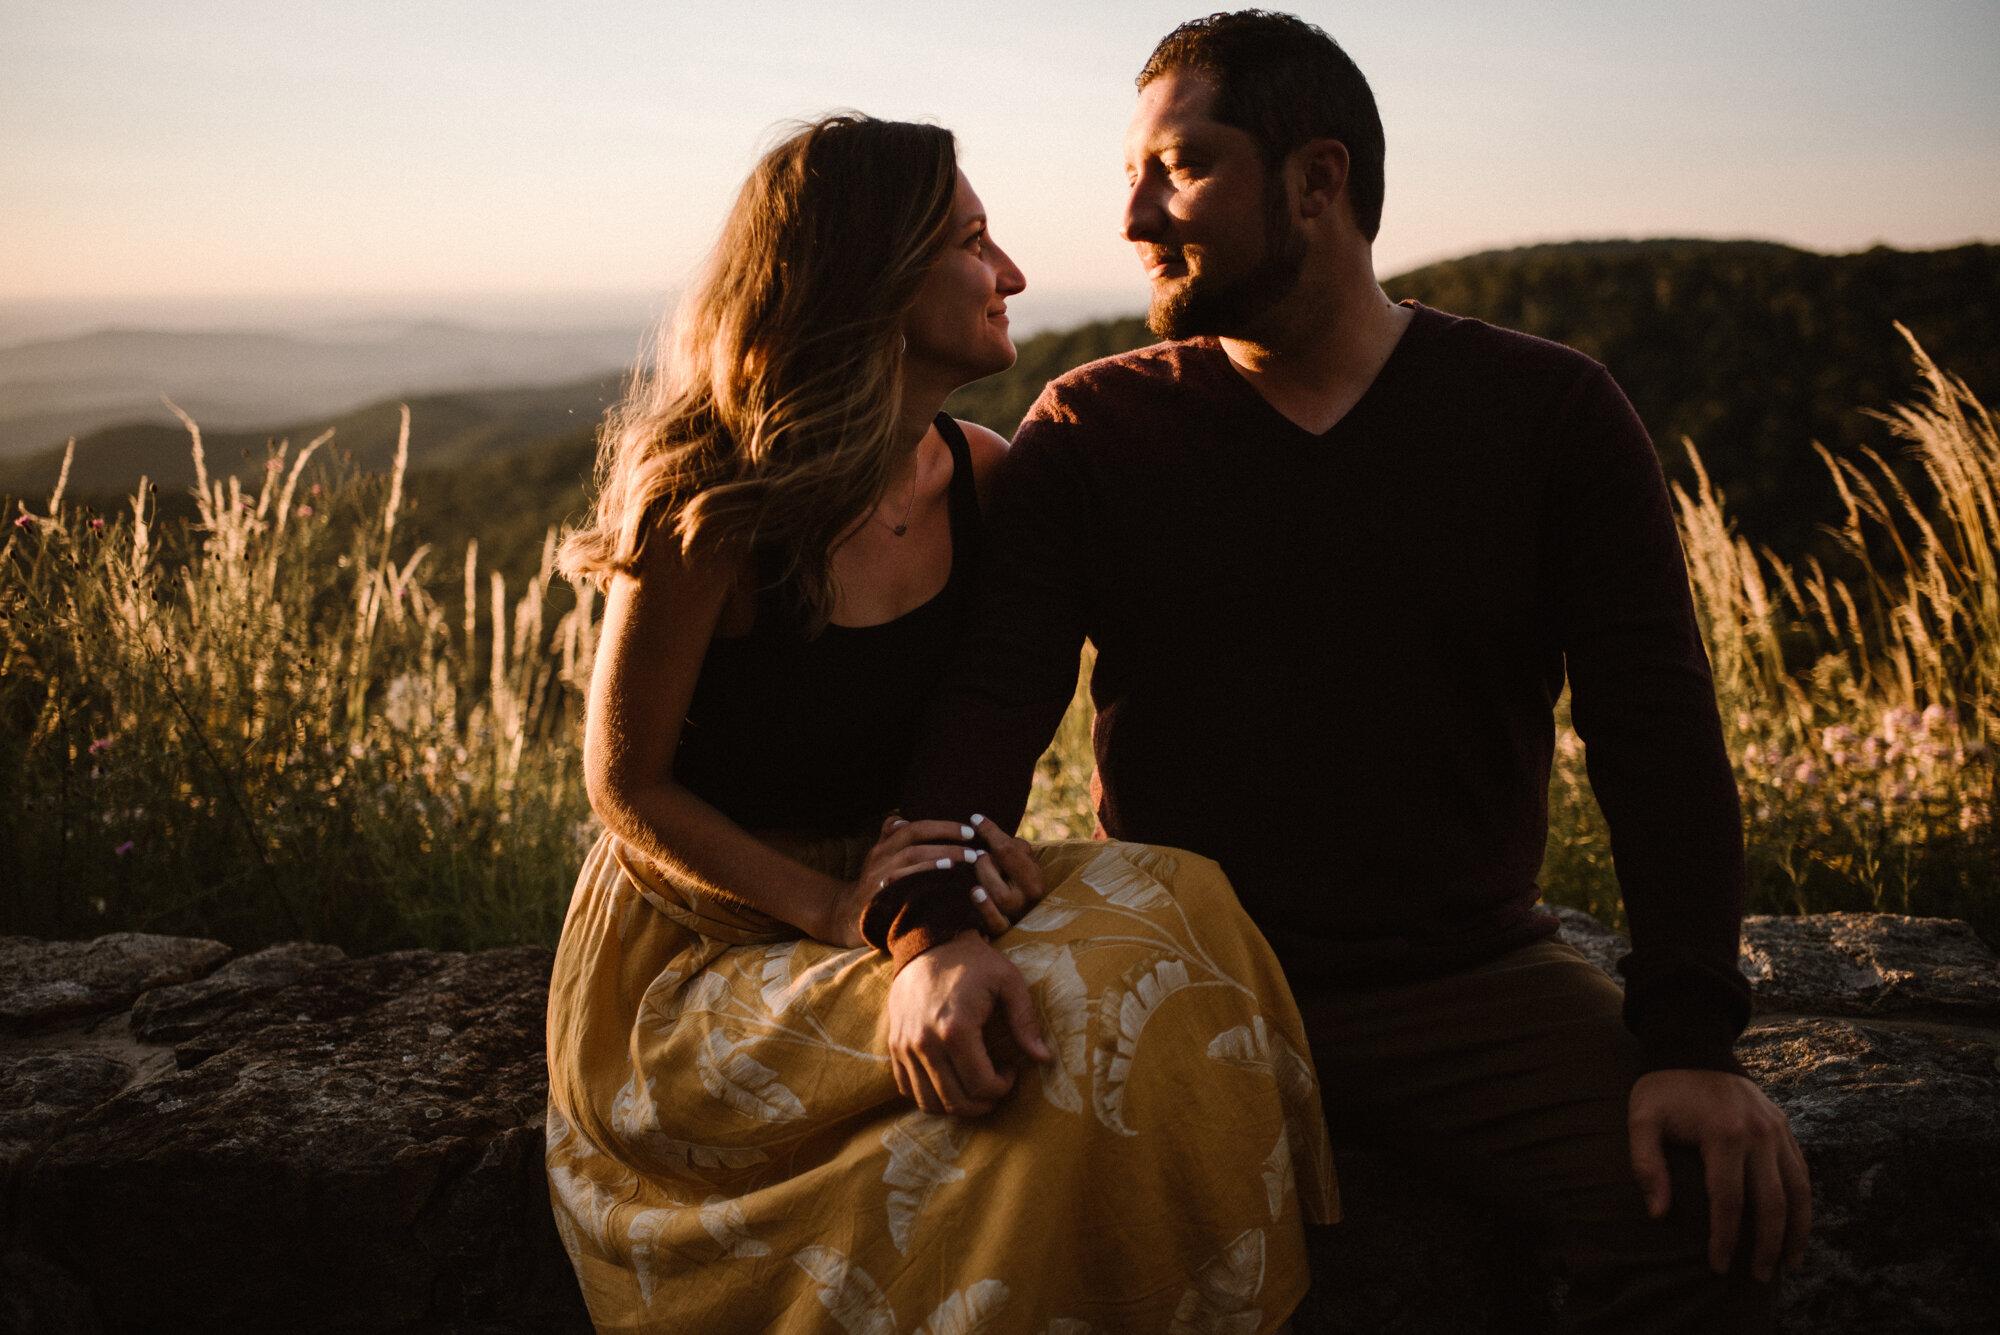 Shenandoah National Park Engagement Session - Sunrise Mountain Couple Photo Shoot - Blue Ridge Mountain Photo Shoot - Shenandoah National Park Photographer - White Sails Creative _15.jpg